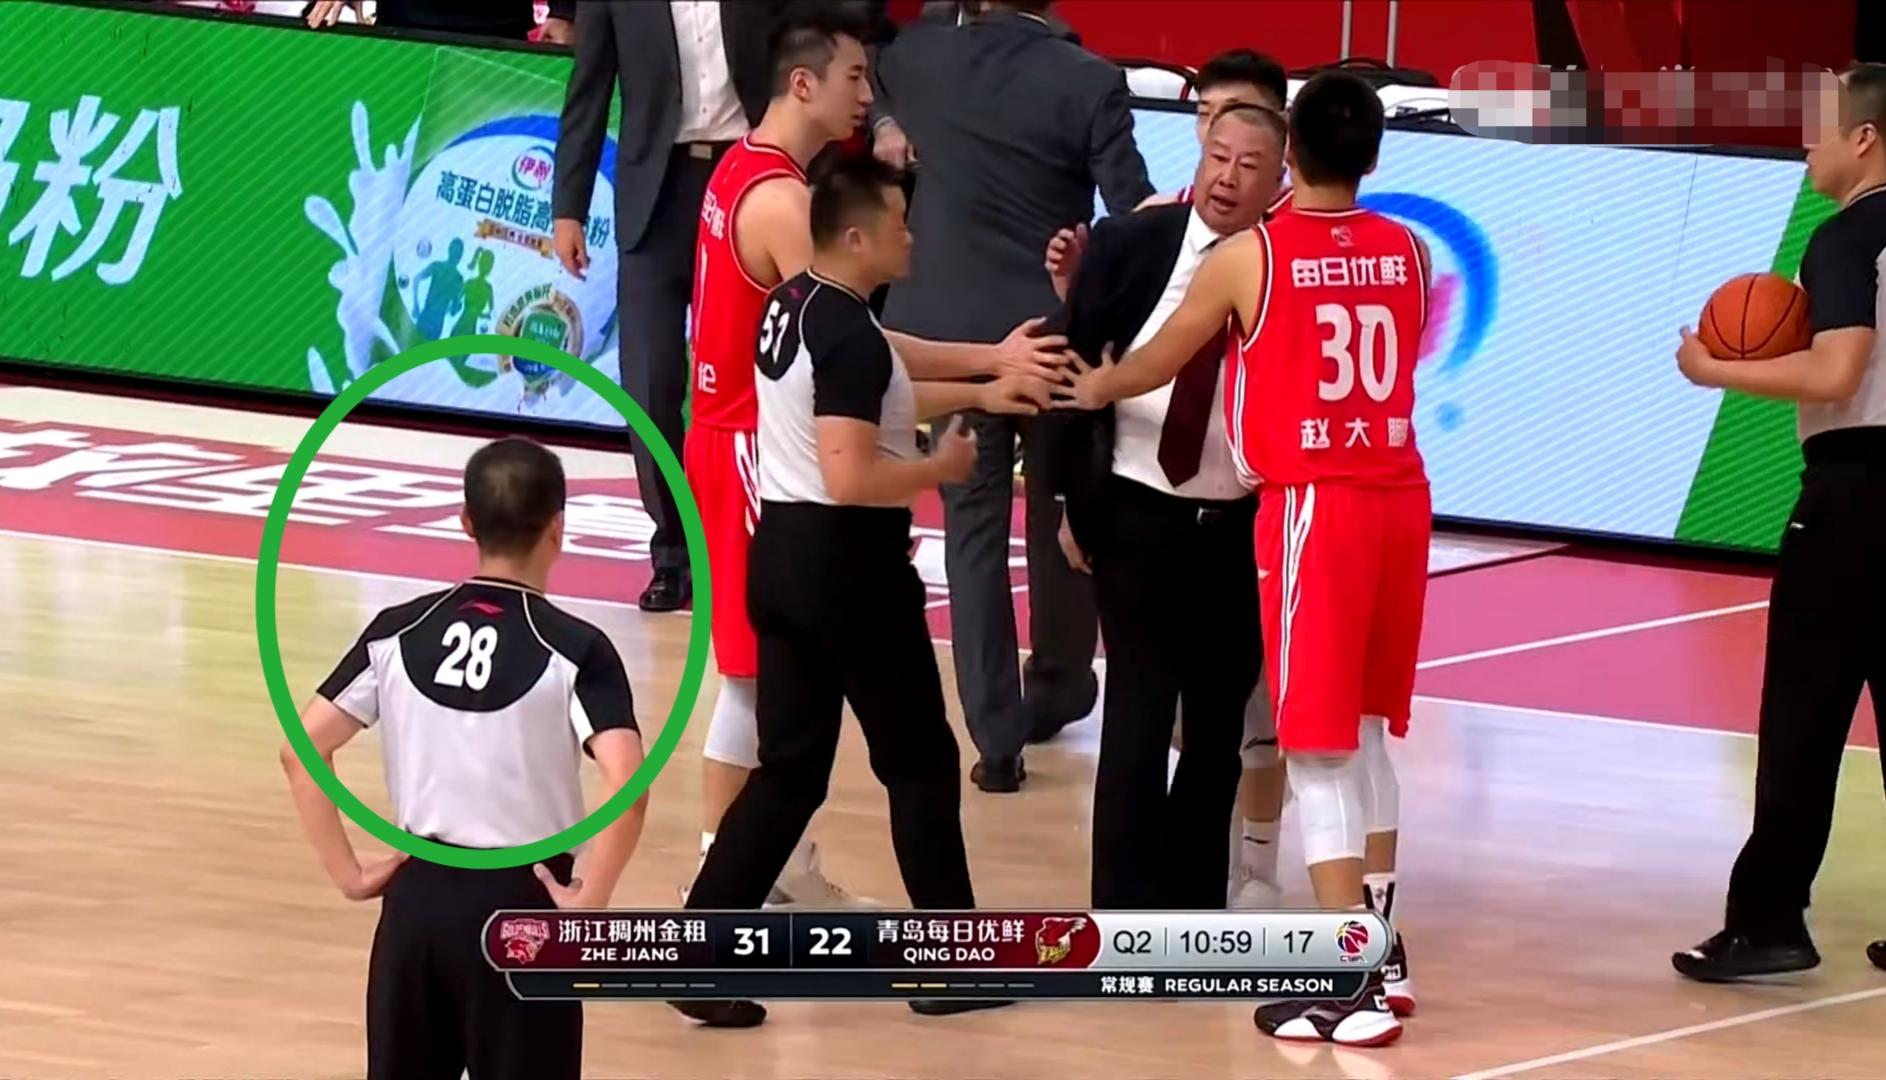 青岛男篮主教练不满判罚被驱逐,大闹技能台+破口大骂:他报复我